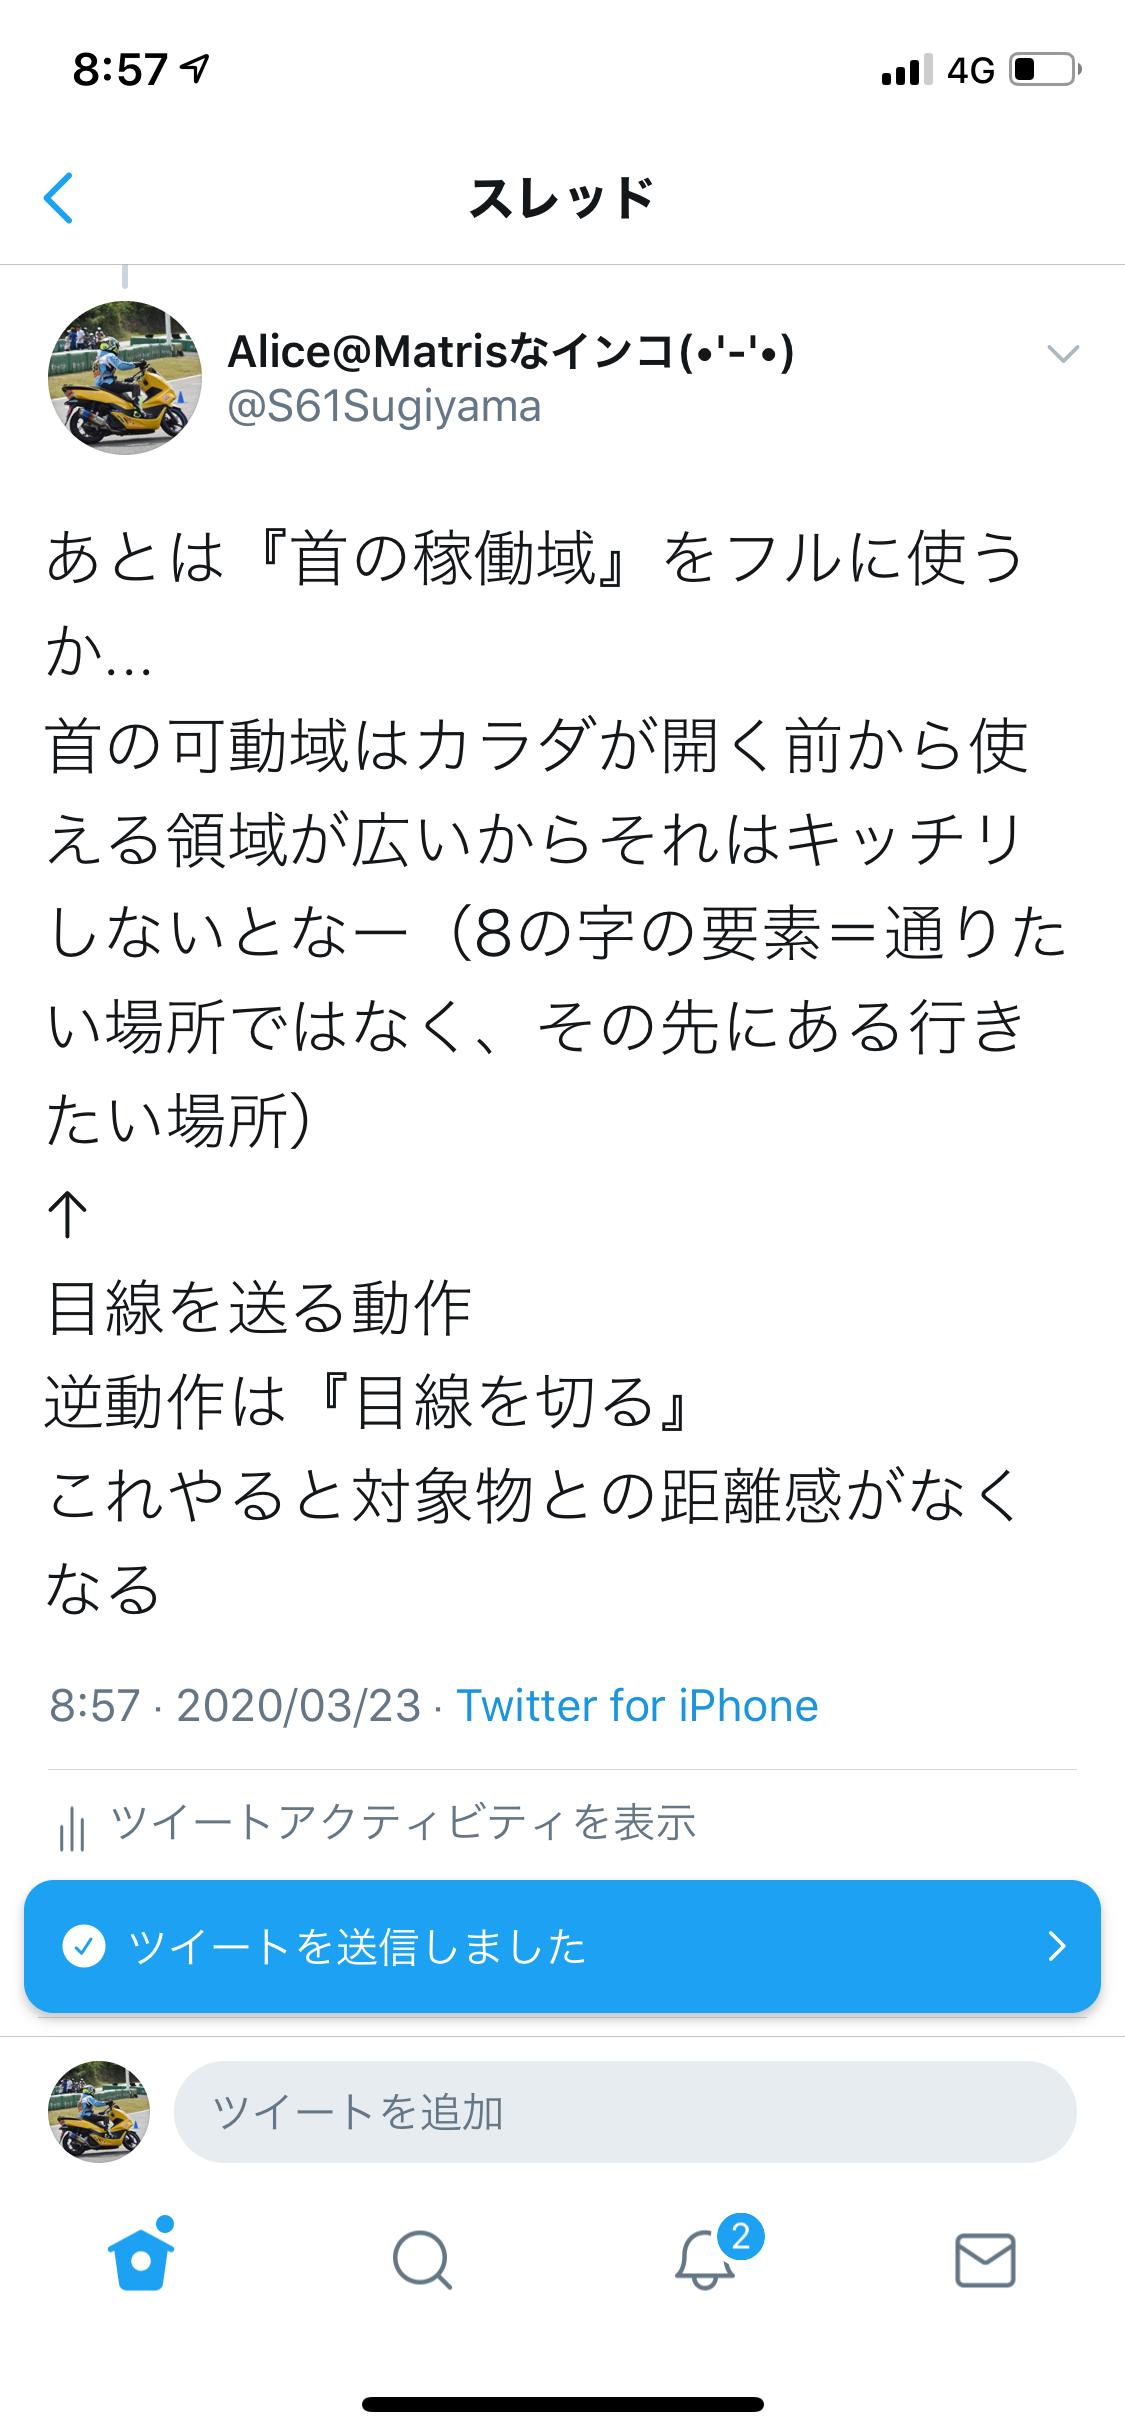 f:id:m-sugiyama-s61:20200328185925p:plain